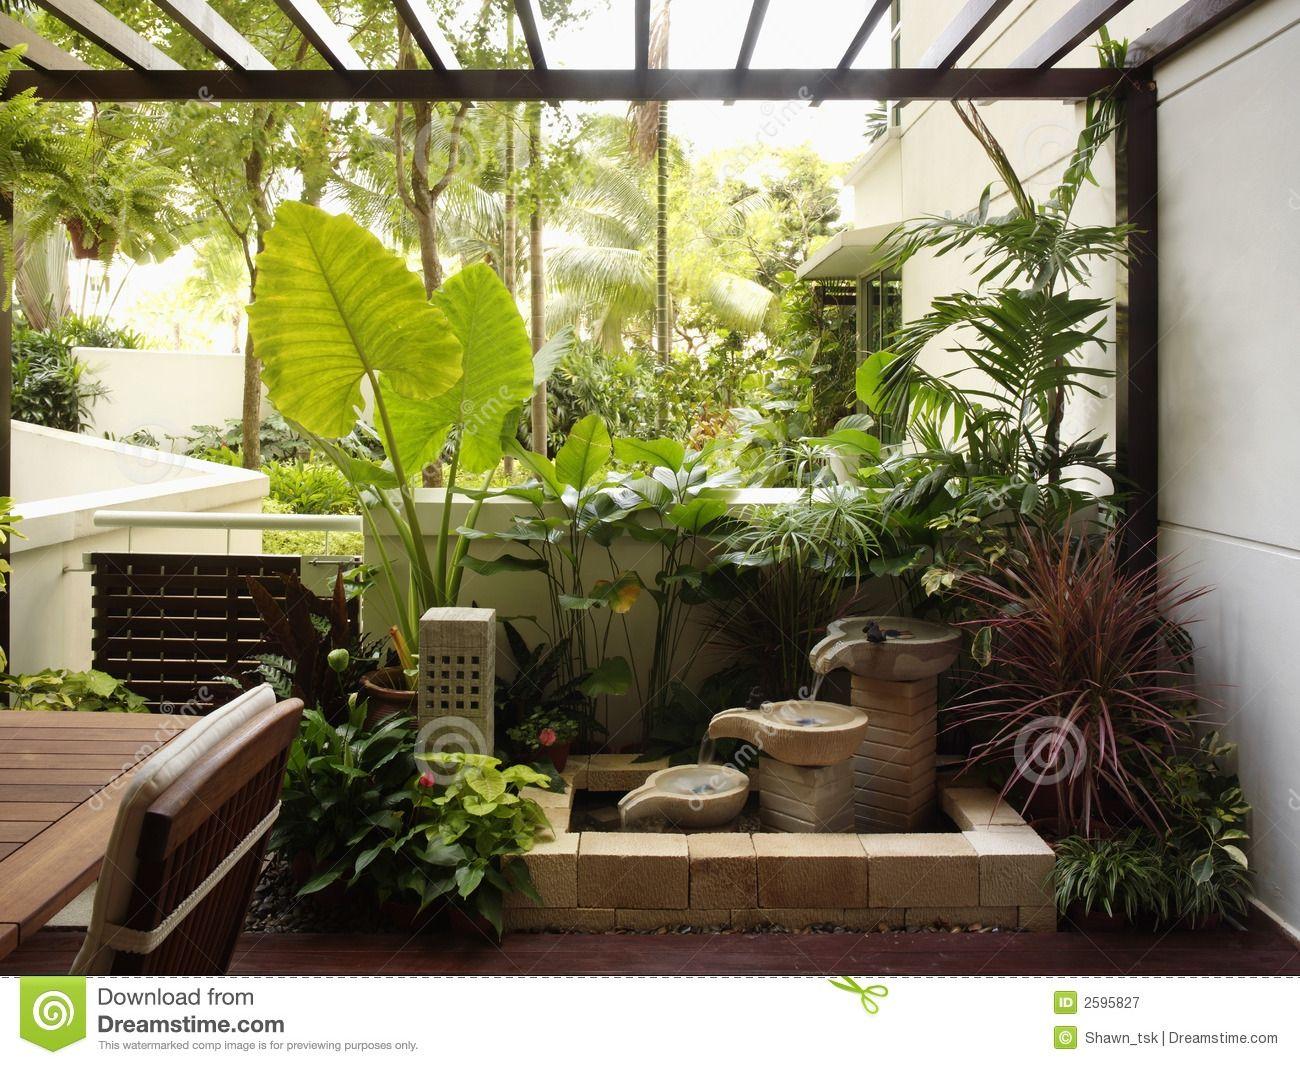 Awesome Garden Room Interior Design Ideas Part - 3: Garden Room Interior Design Ideas | Room Ideas